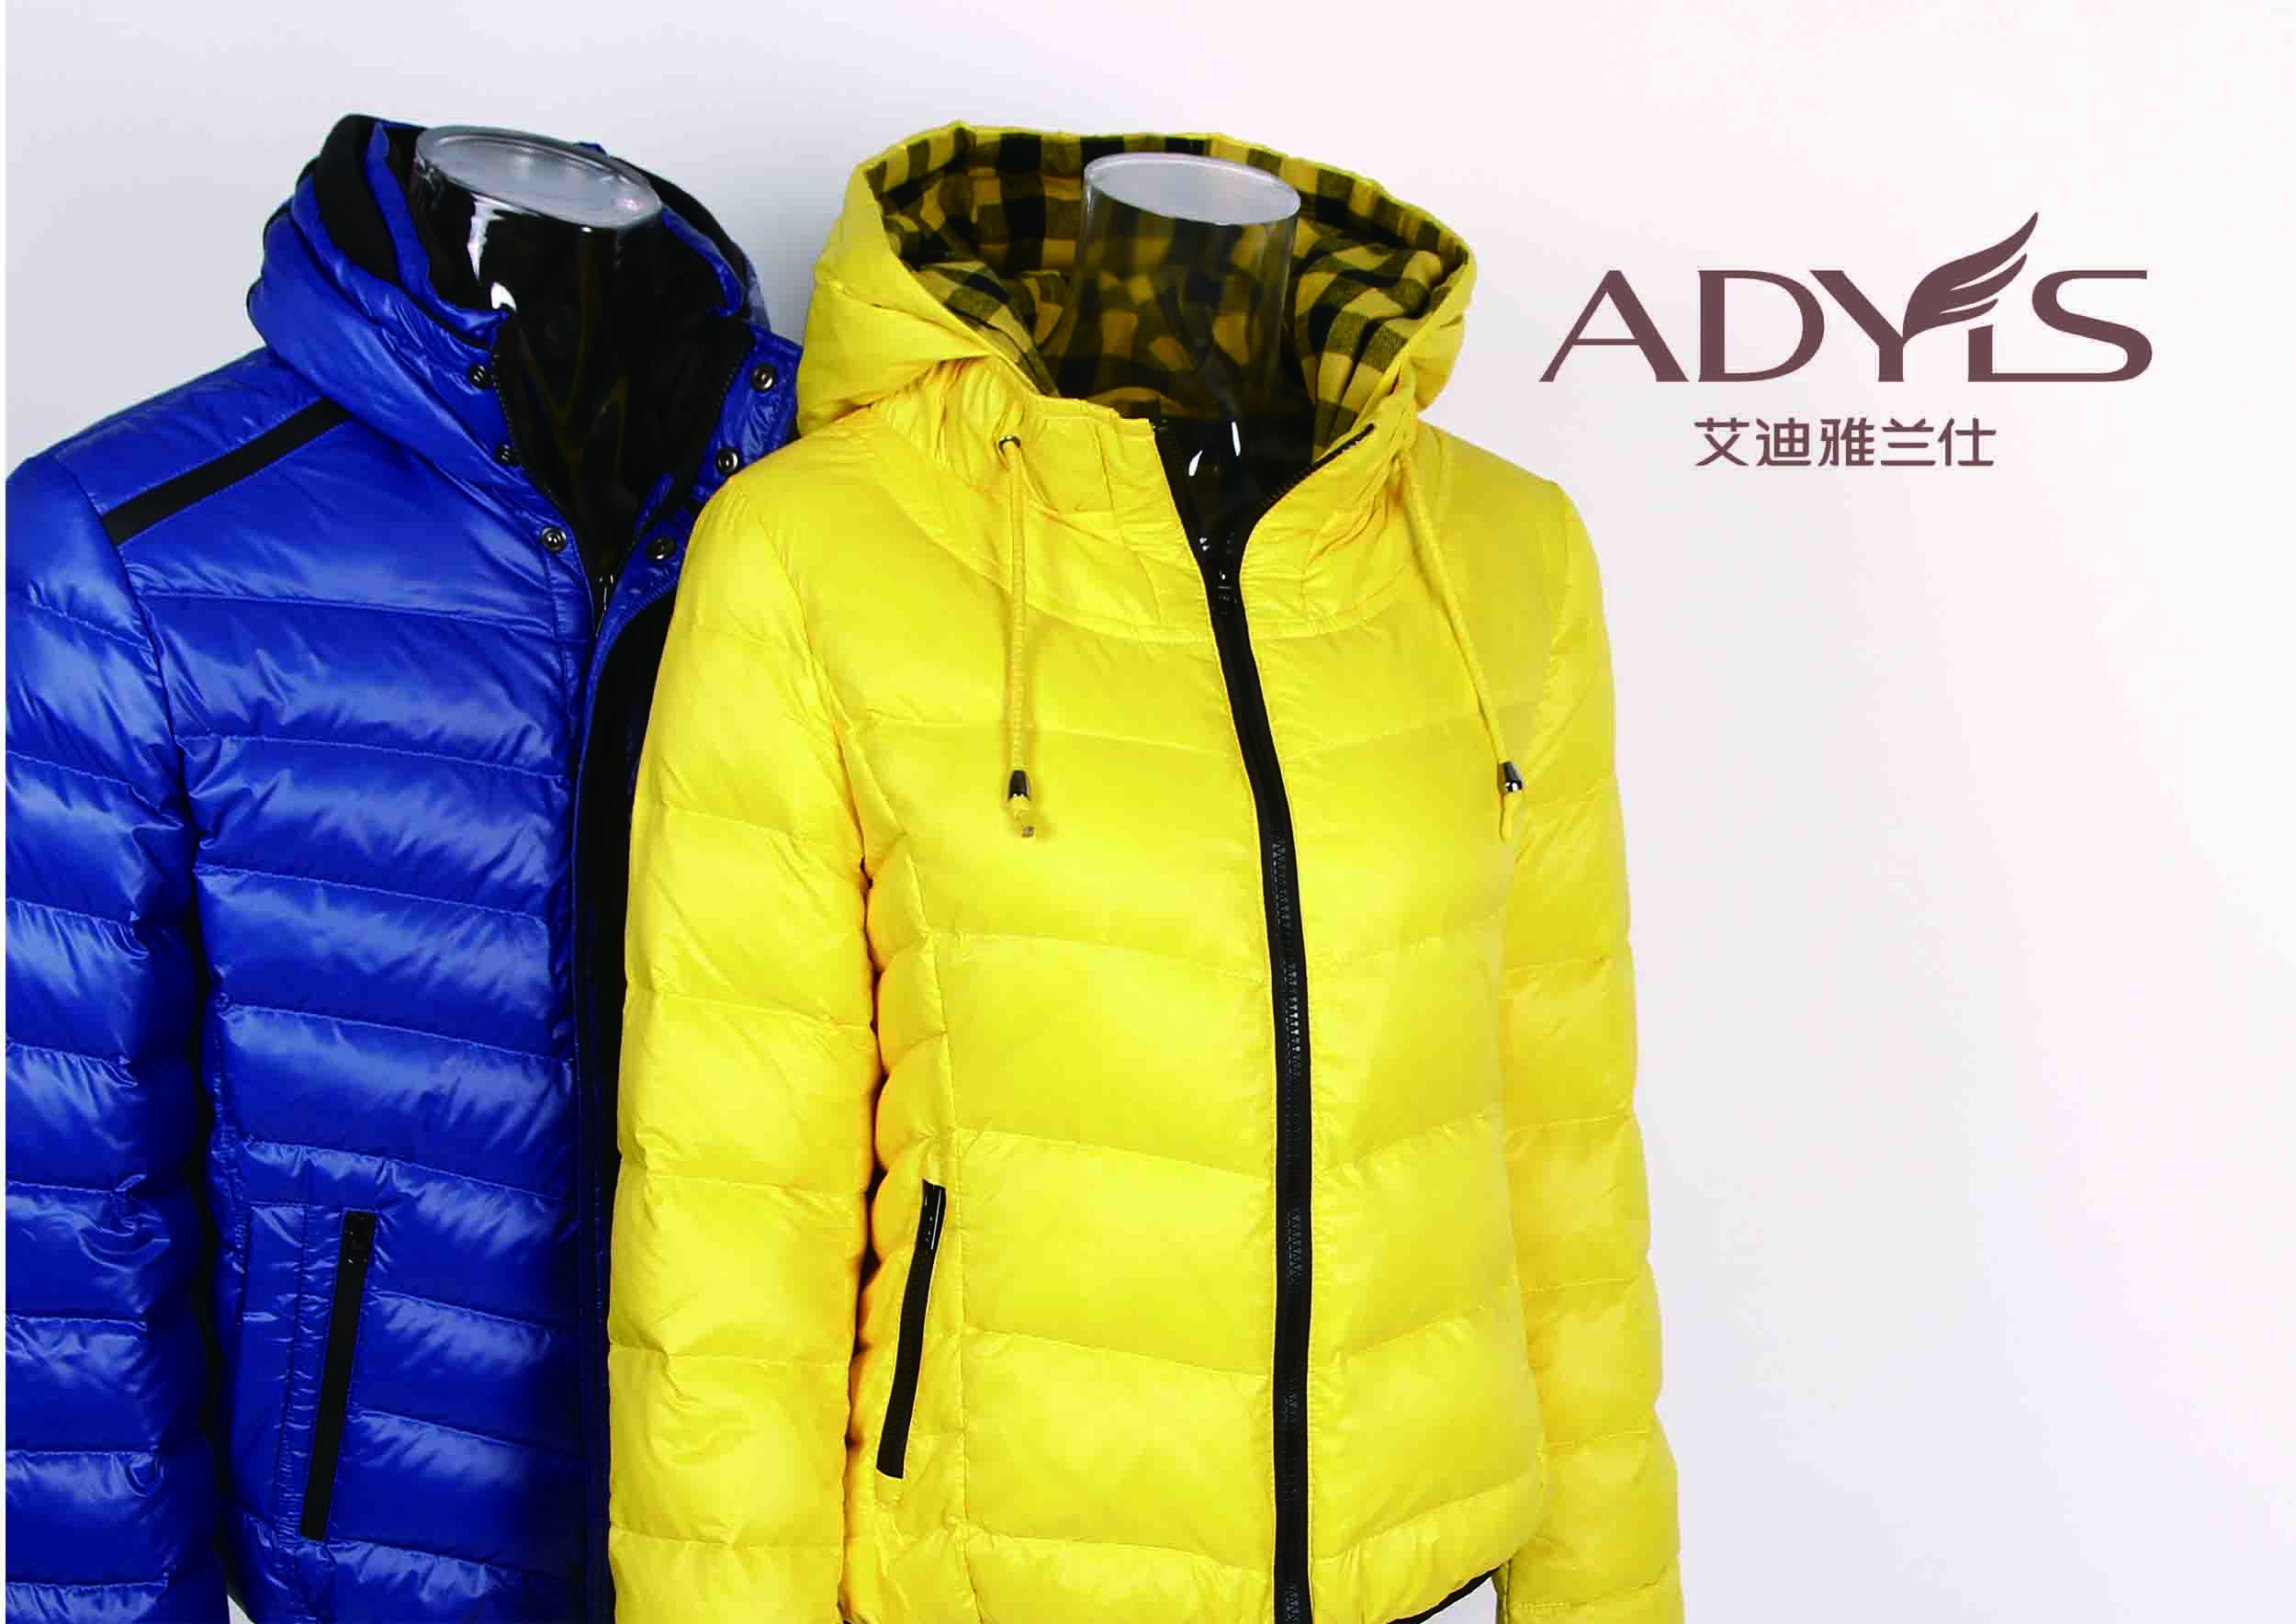 艾迪雅兰仕羽绒服品牌商承接羽绒服贴牌加工,羽绒服来料加工等订单_1